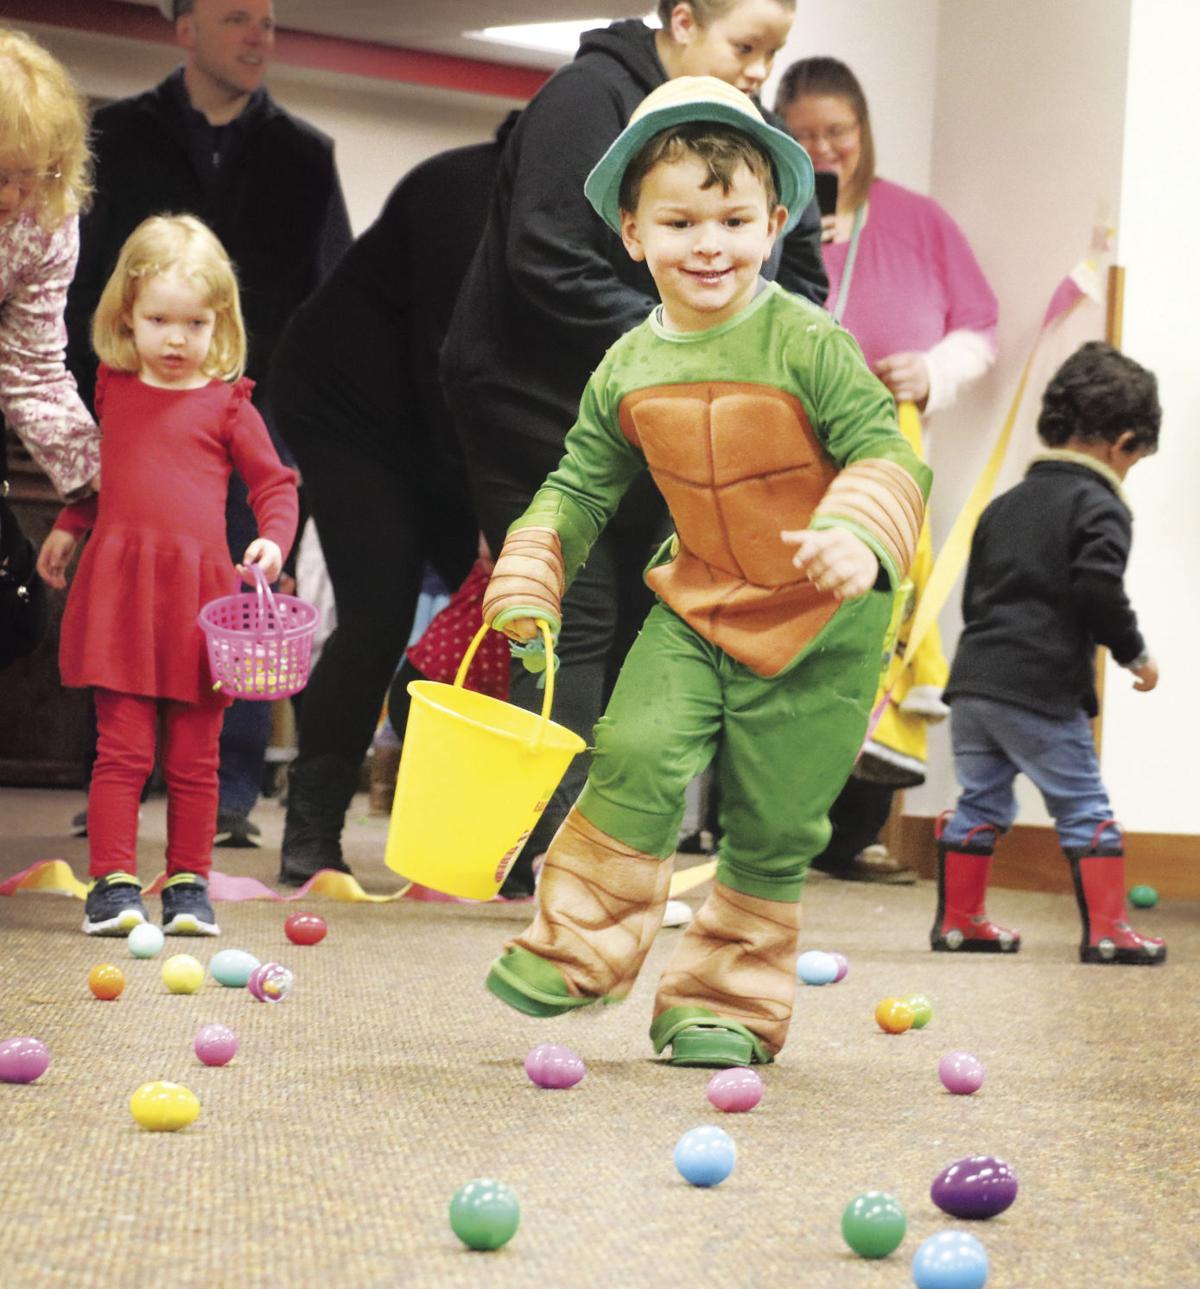 Easter egg hunt 2 Axel Frokjer age 3 fixed.jpg